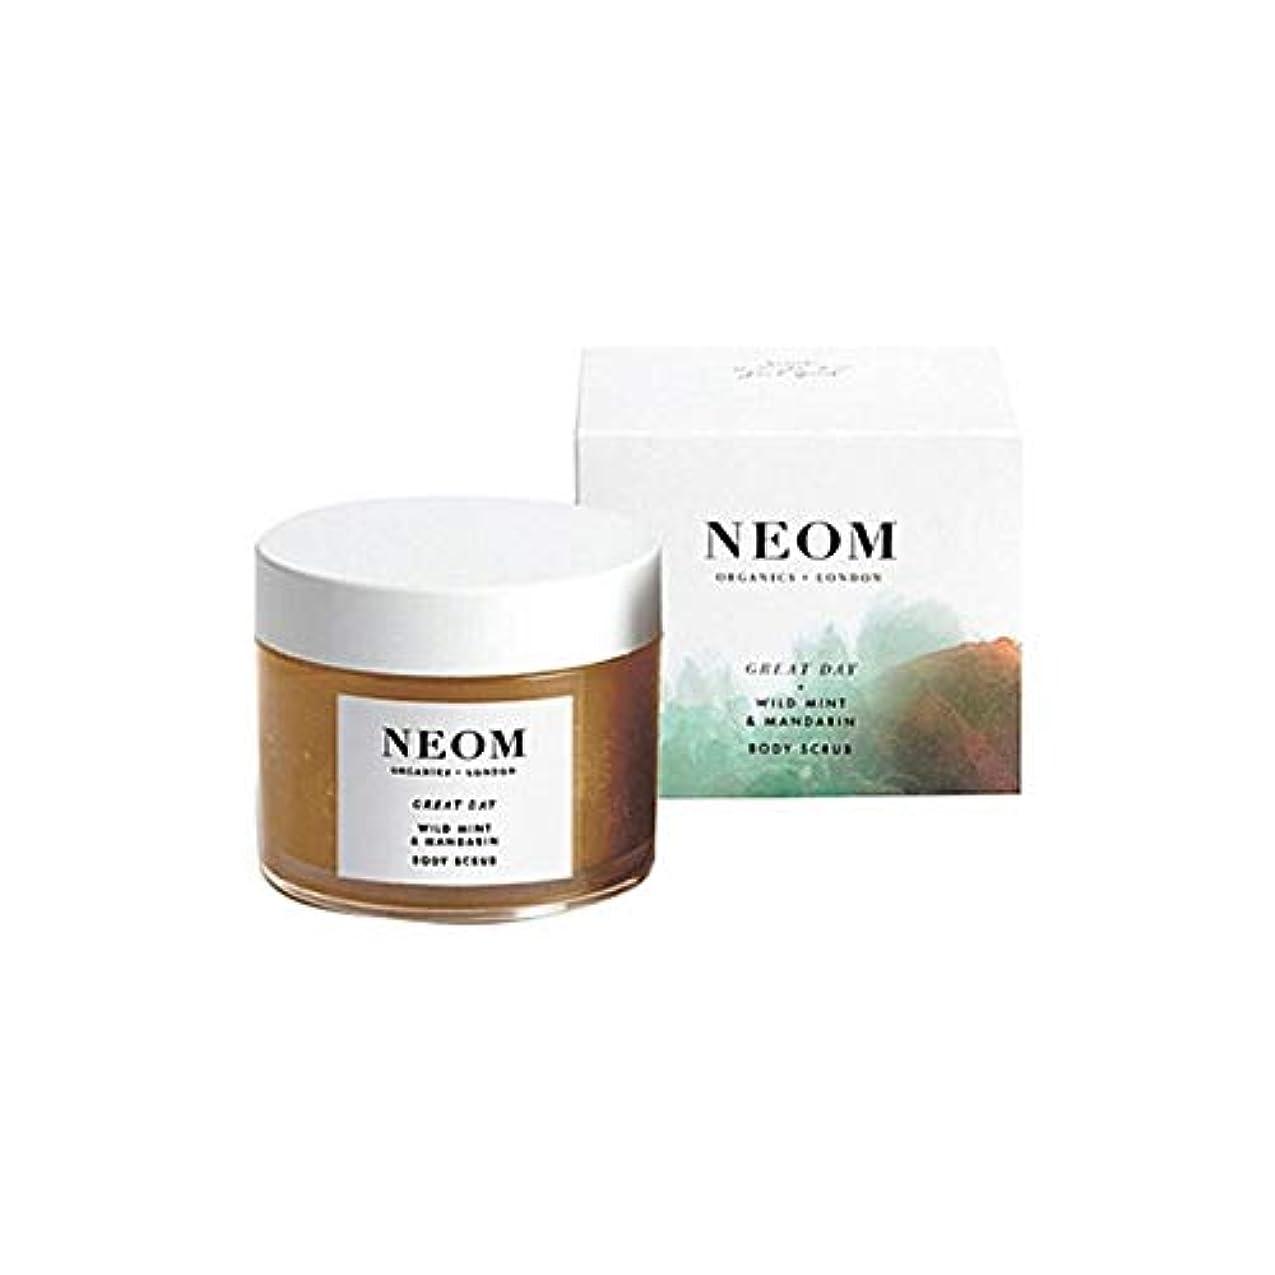 劇場適合するカジュアル[Neom] Neom高級有機物素晴らしい一日ボディスクラブ332グラム - Neom Luxury Organics Great Day Body Scrub 332G [並行輸入品]